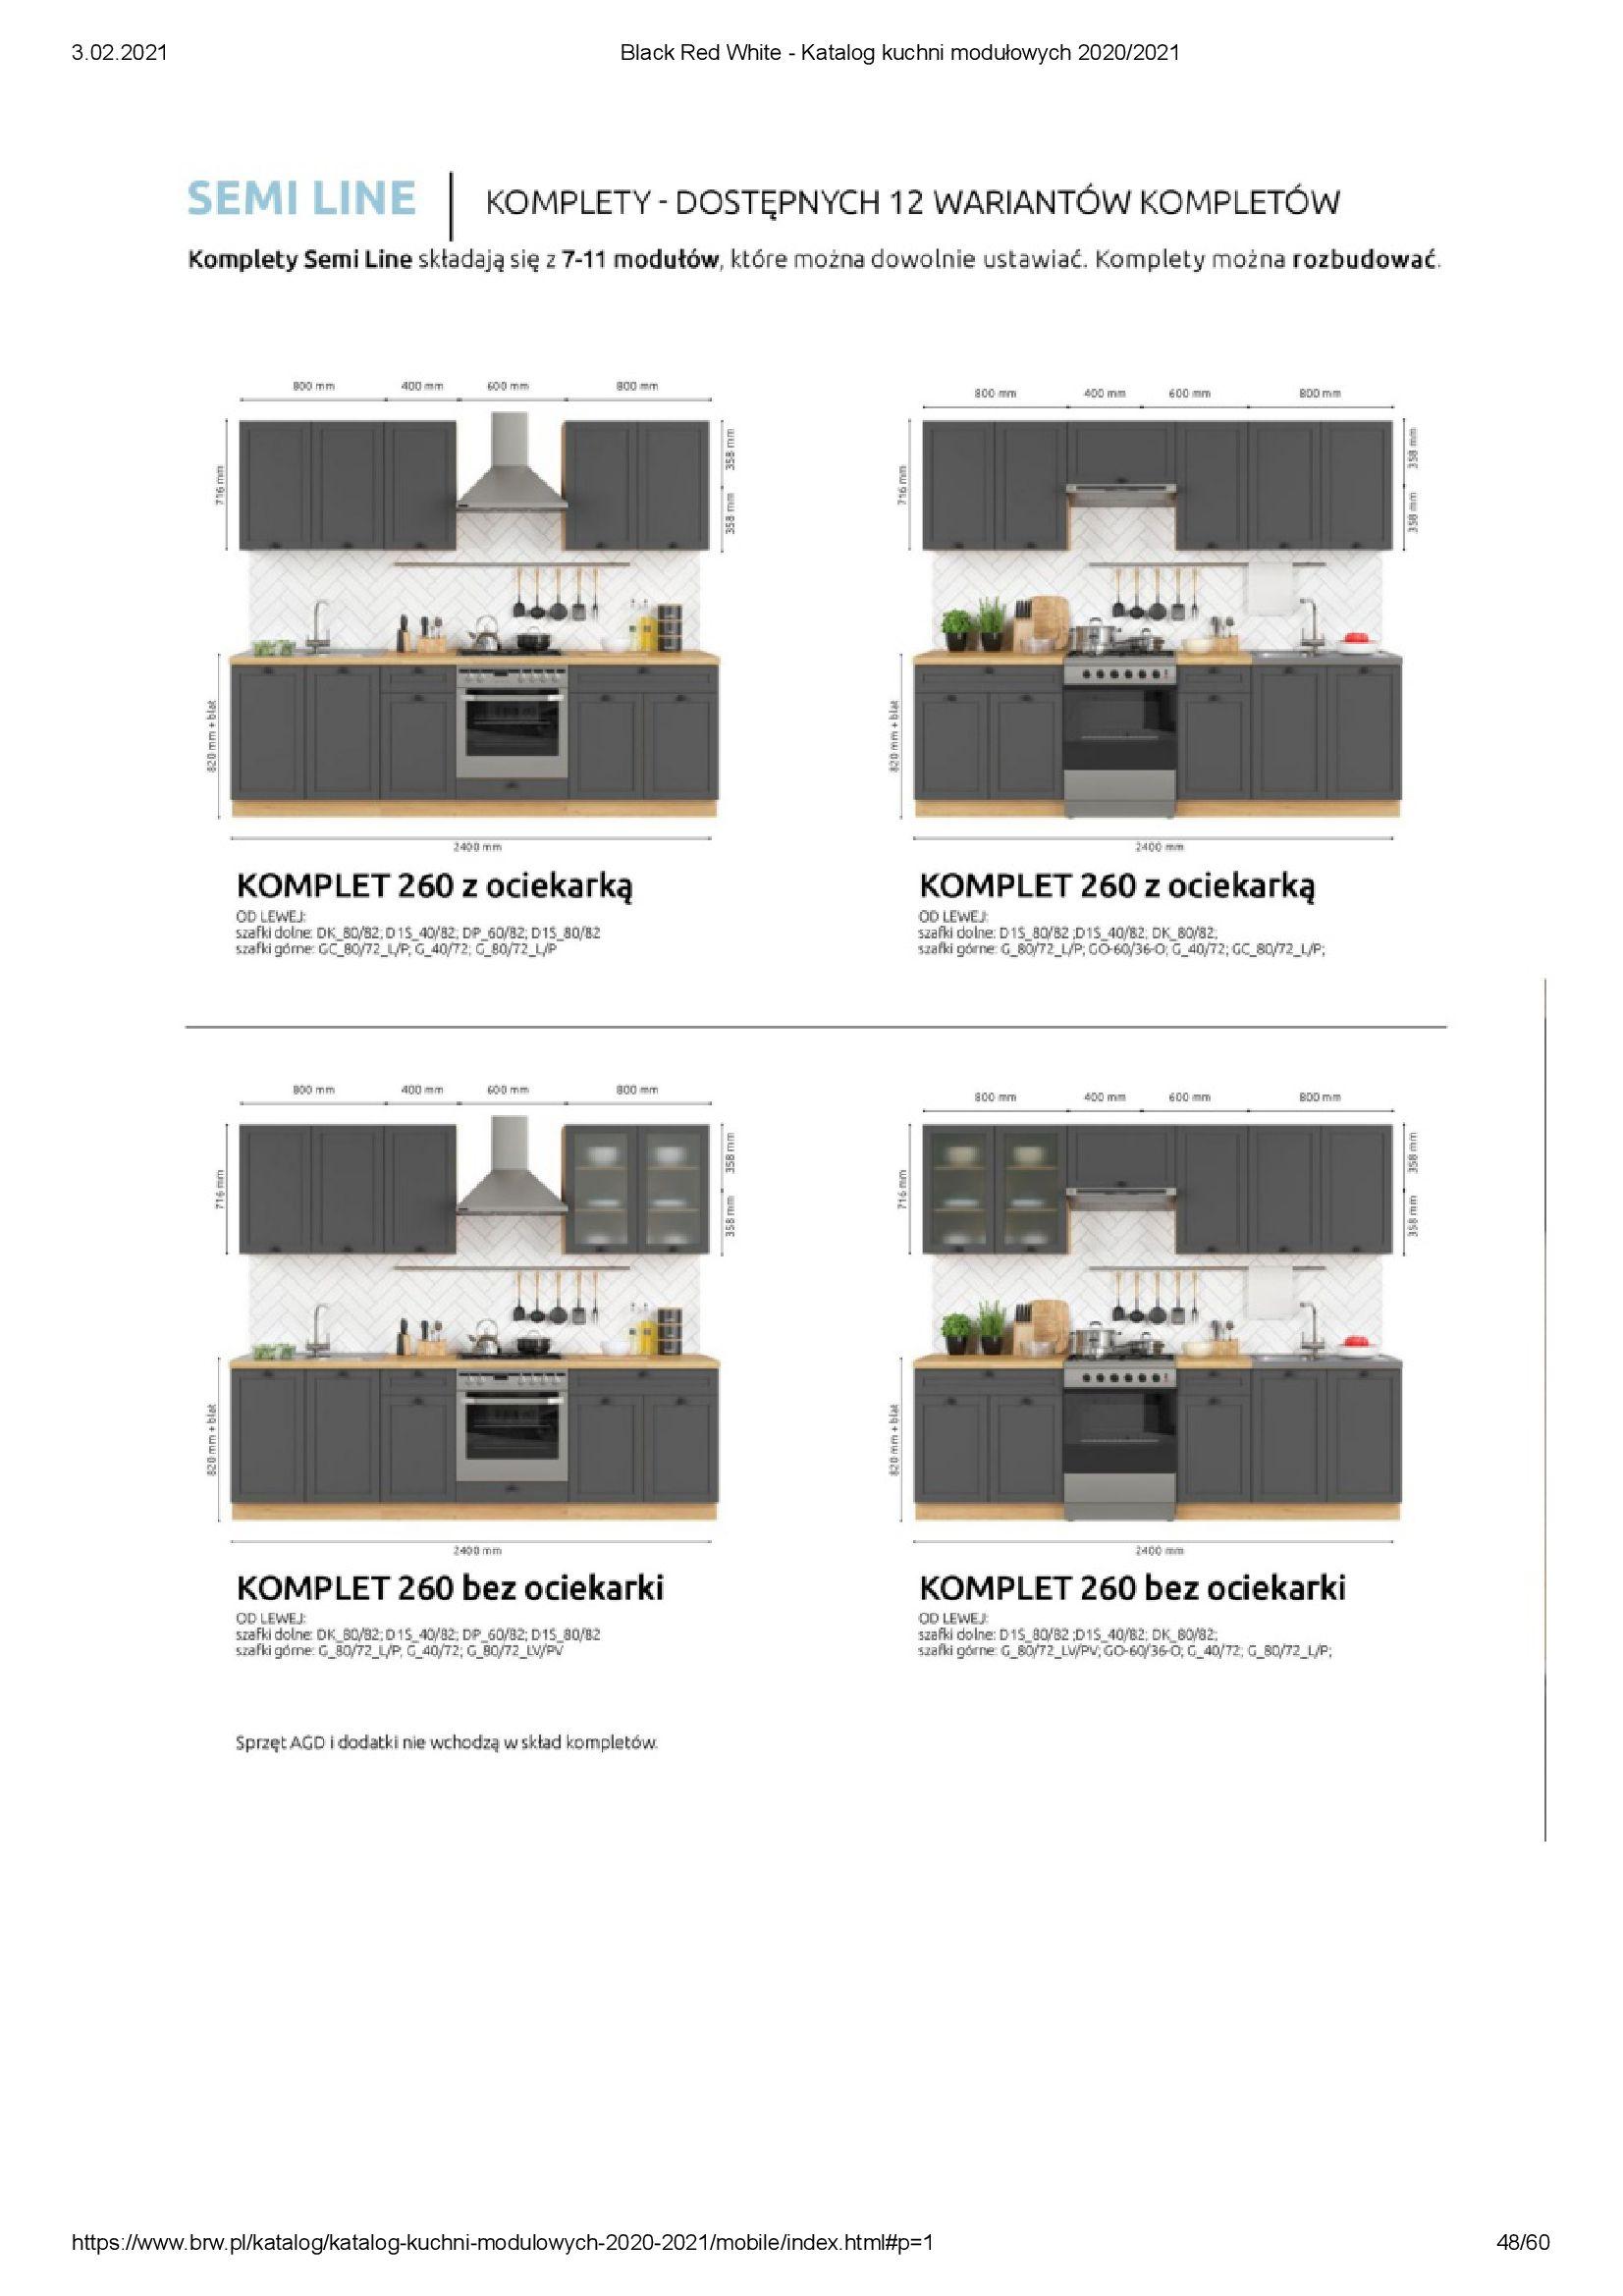 Gazetka Black Red White: Katalog - Kuchnie modułowe 2020/2021 2021-01-01 page-48